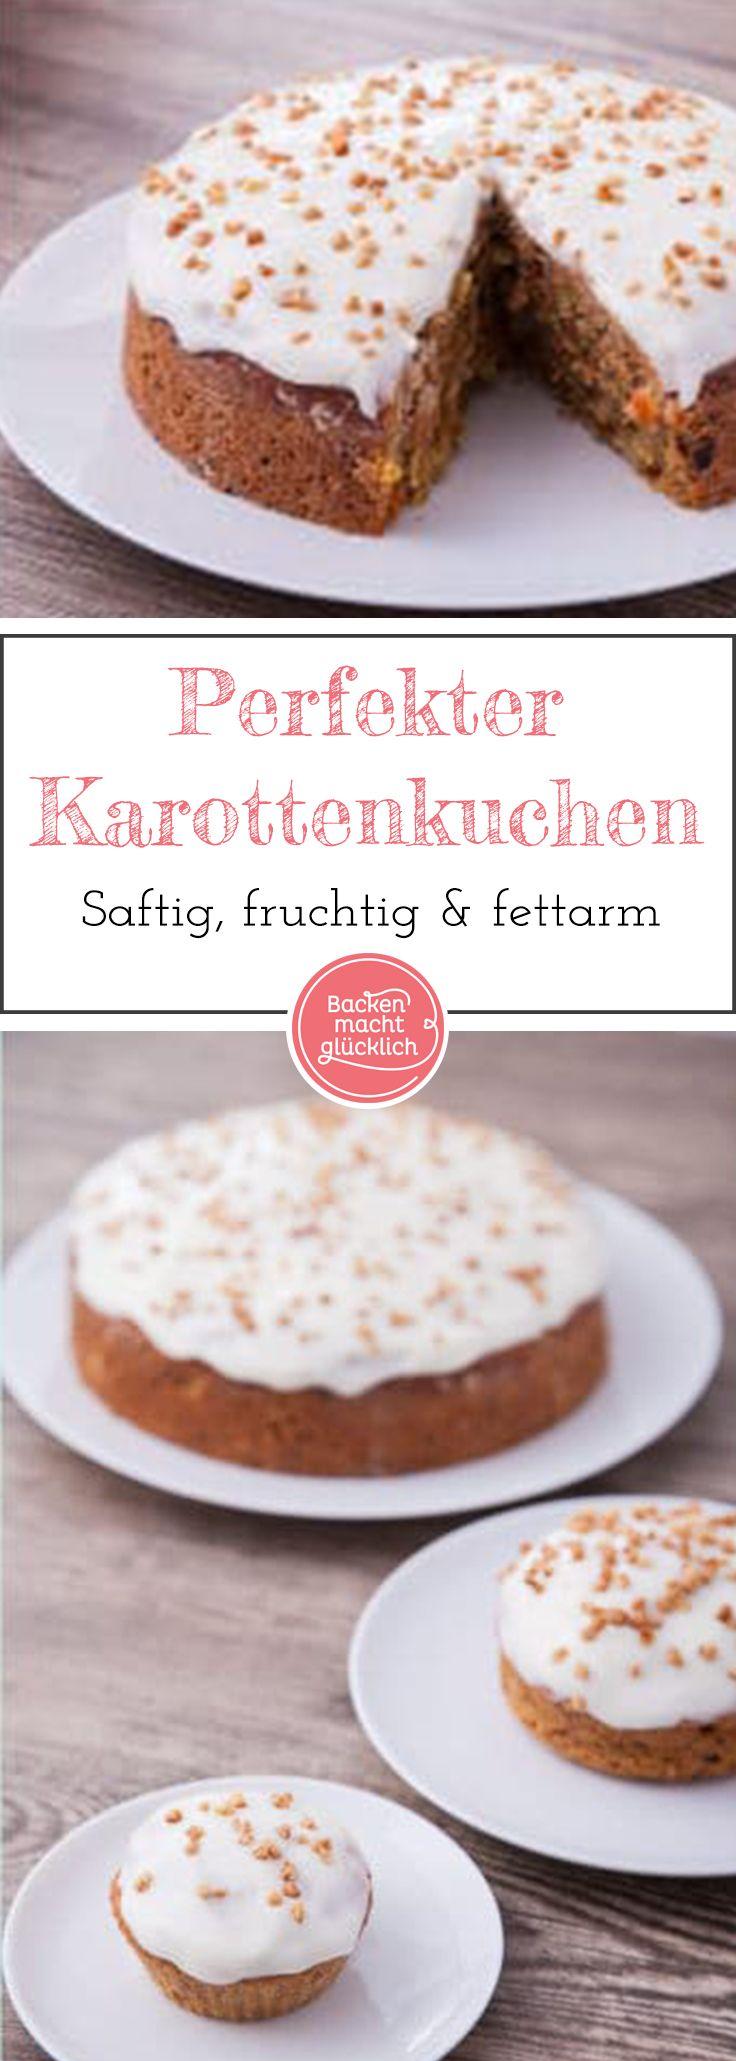 Ich habe ihn tatsächlich gefunden, den für mich perfekten Karottenkuchen – saftig, fruchtig, fettarm und ohne Nüsse. Wer mal etwas anderes ausprobieren möchte und sich fürs gesundes Backen interessiert, sollte aber definitiv auch dieses gesunde Möhrenkuchen-Rezept testen.